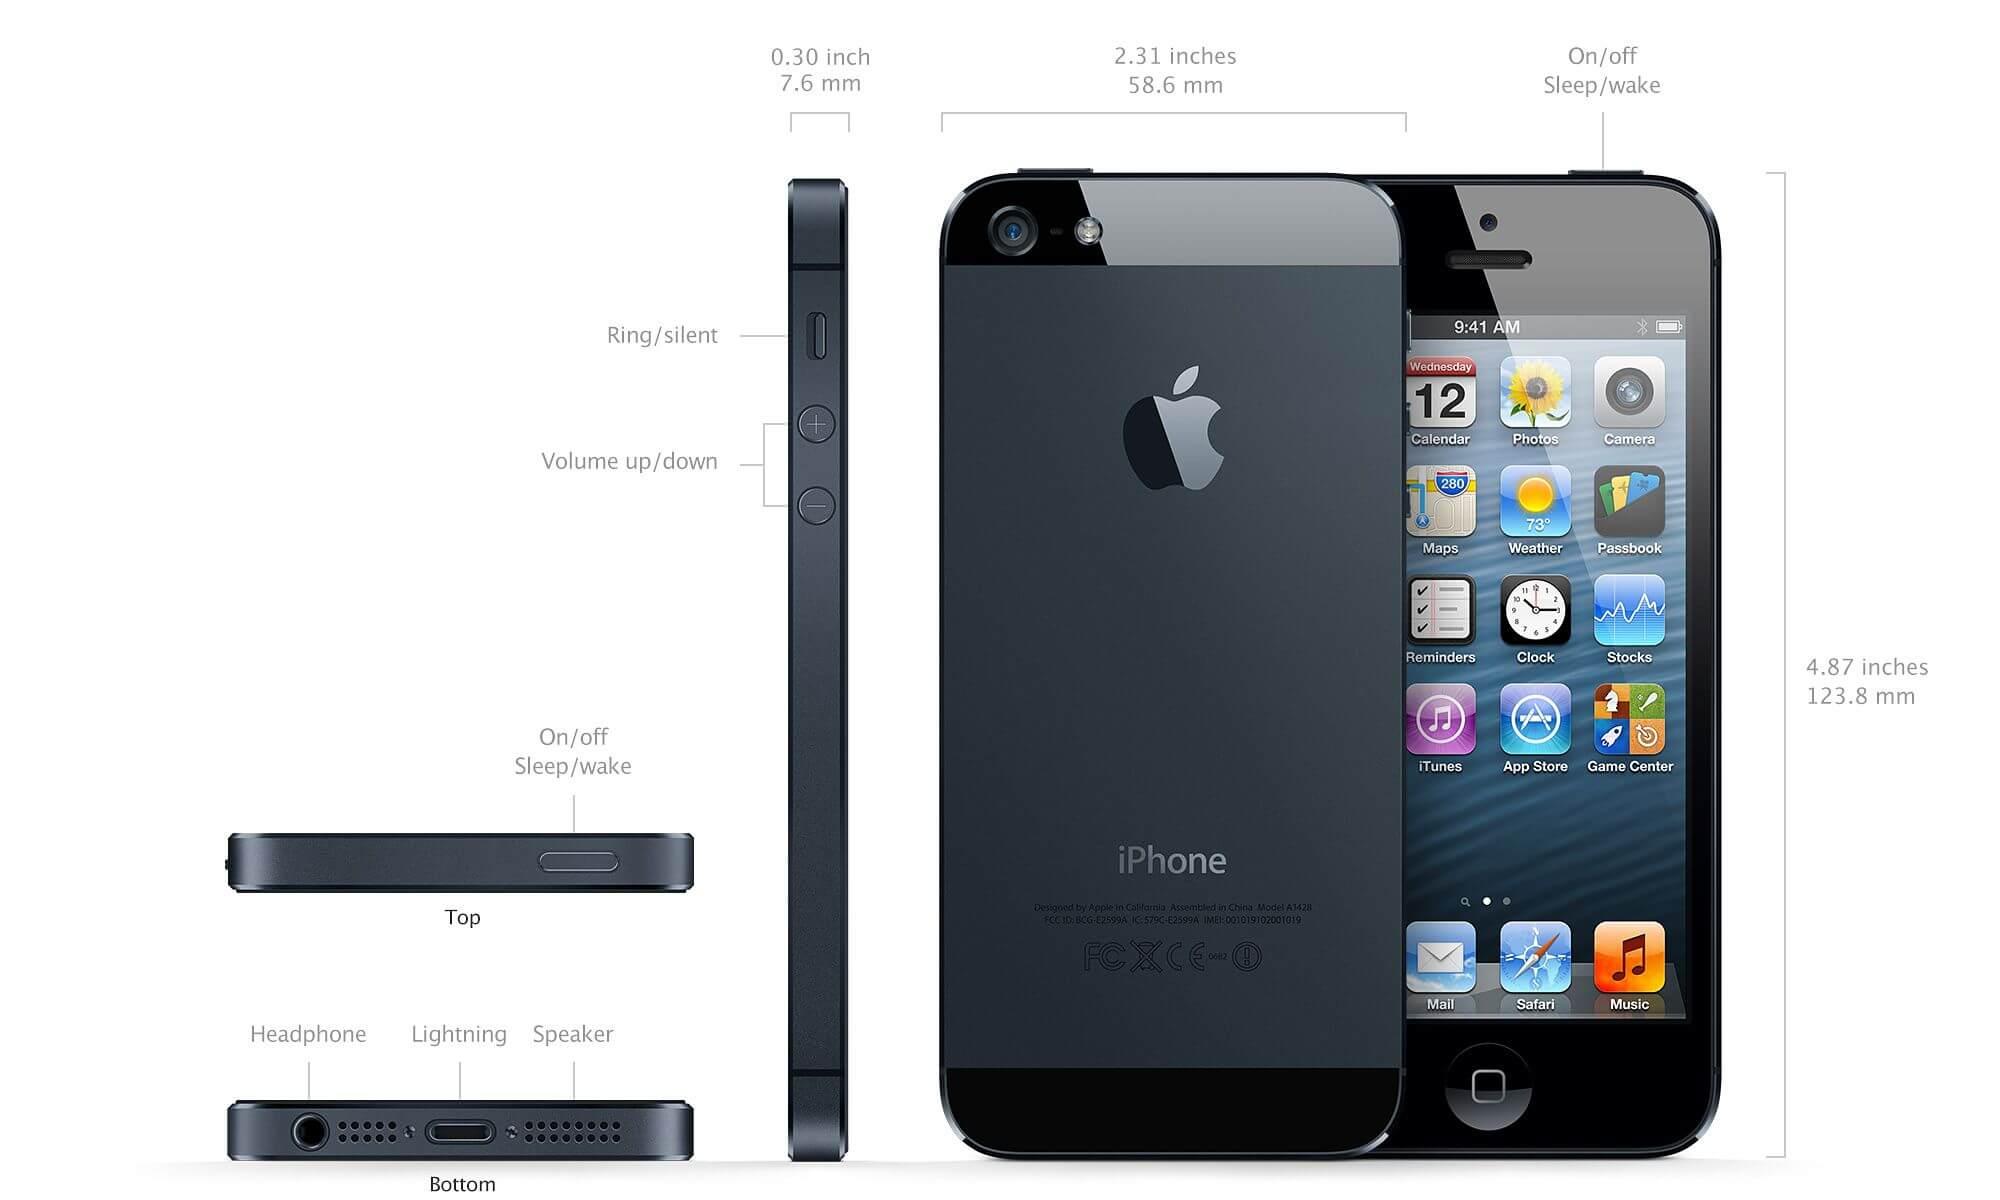 Iphone 5 especificaciones caracter sticas y precio - Nc state iphone 5 wallpaper ...